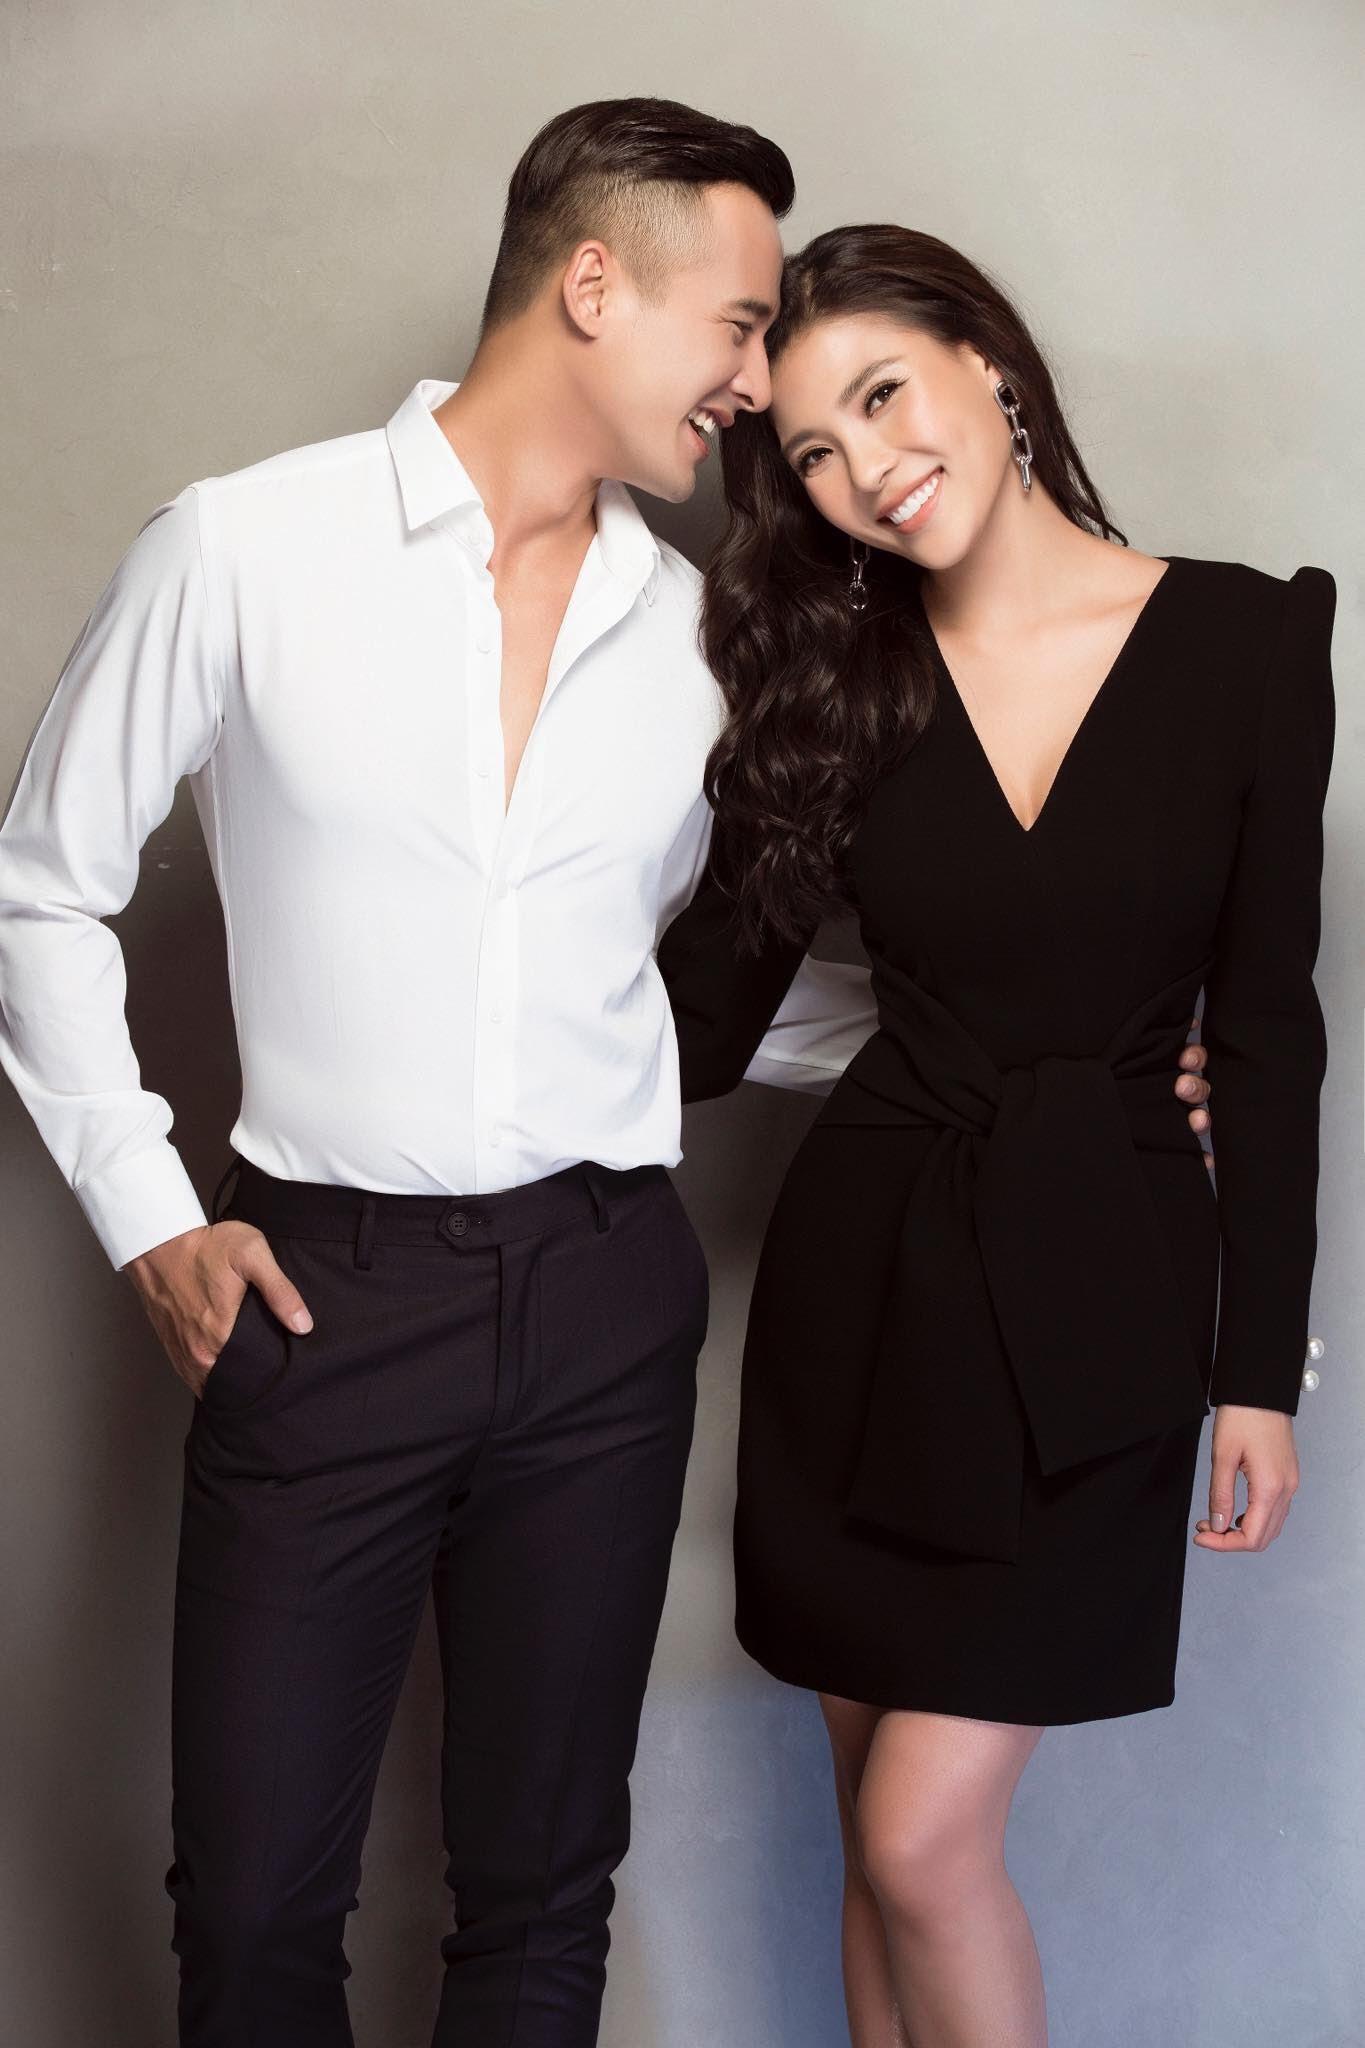 Chán chê đóng phim, vợ chồng Lương Thế Thành - Thuý Diễm lần đầu ngồi ghế nóng đấu trường nhan sắc - Ảnh 2.